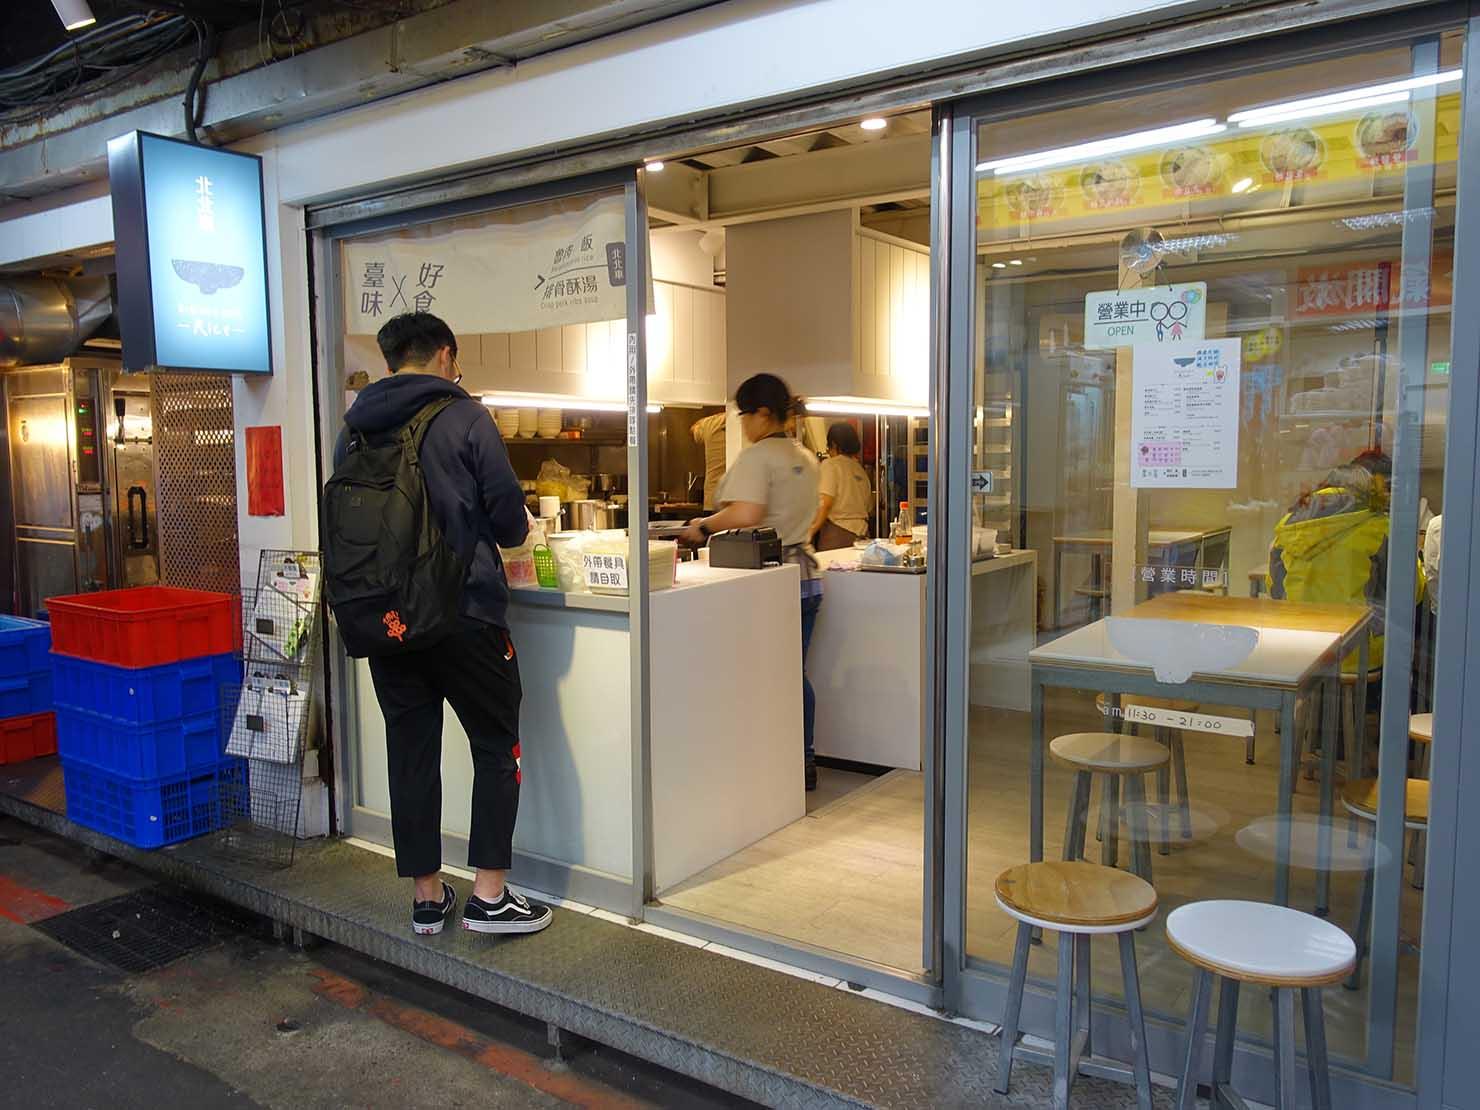 台北駅エリアのおすすめ台湾グルメ店「北北車魯肉飯」の外観